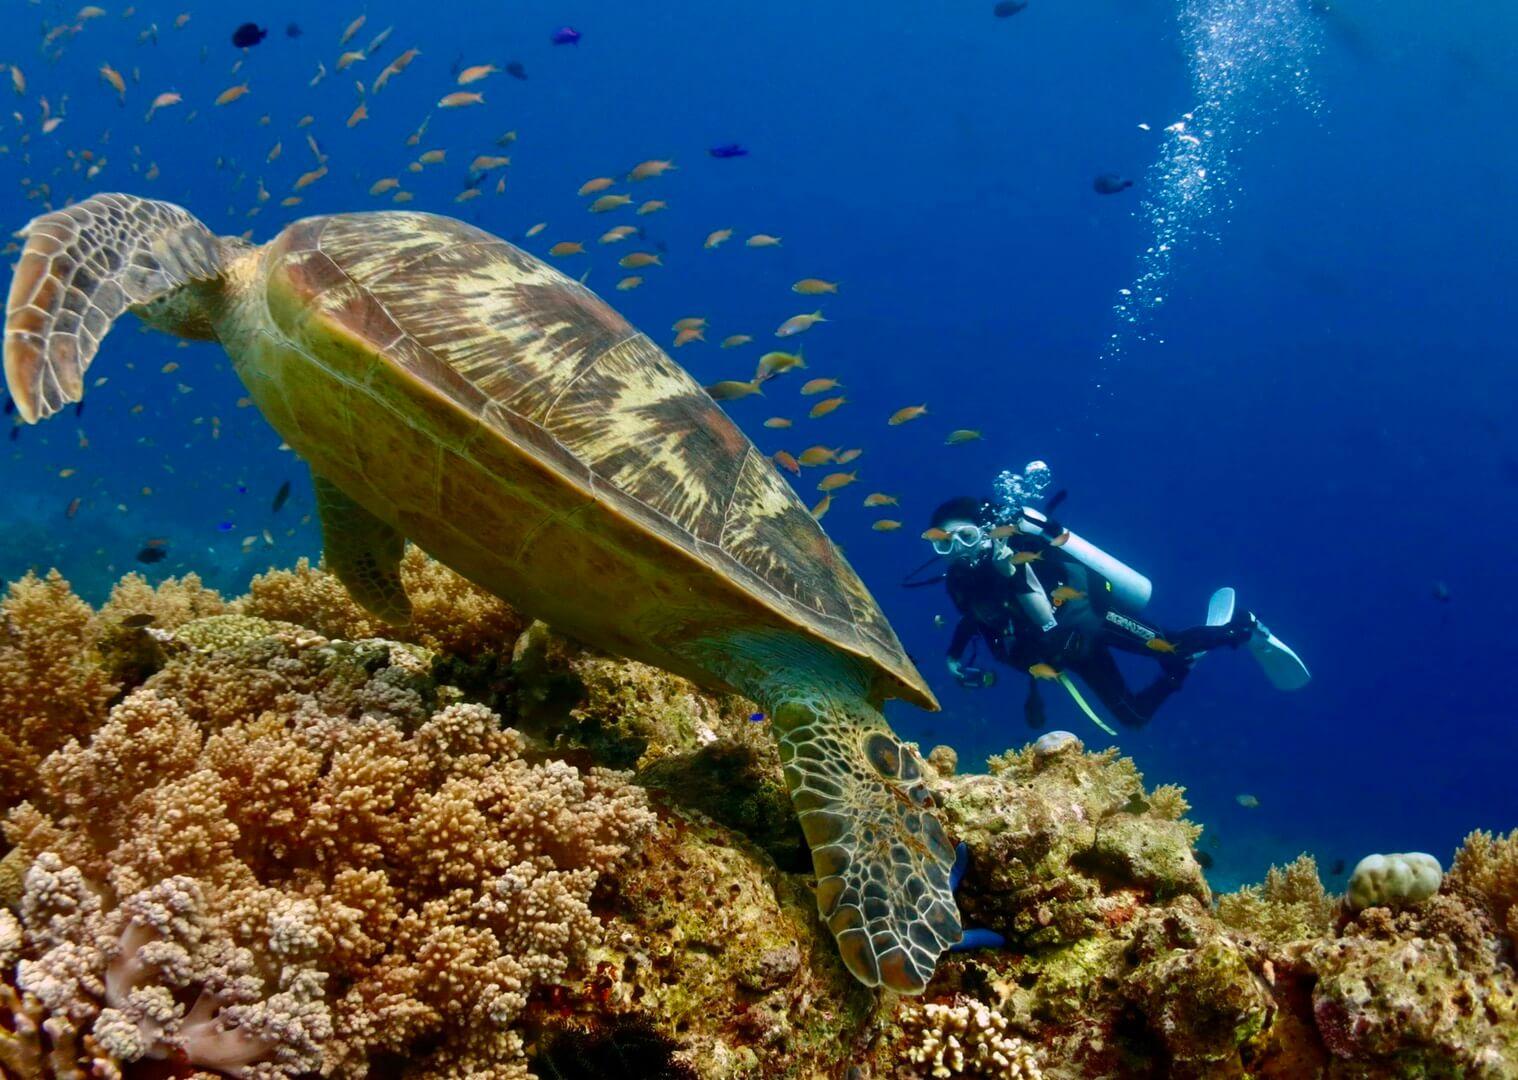 ボホール島ダイビングで会ったウミガメの写真